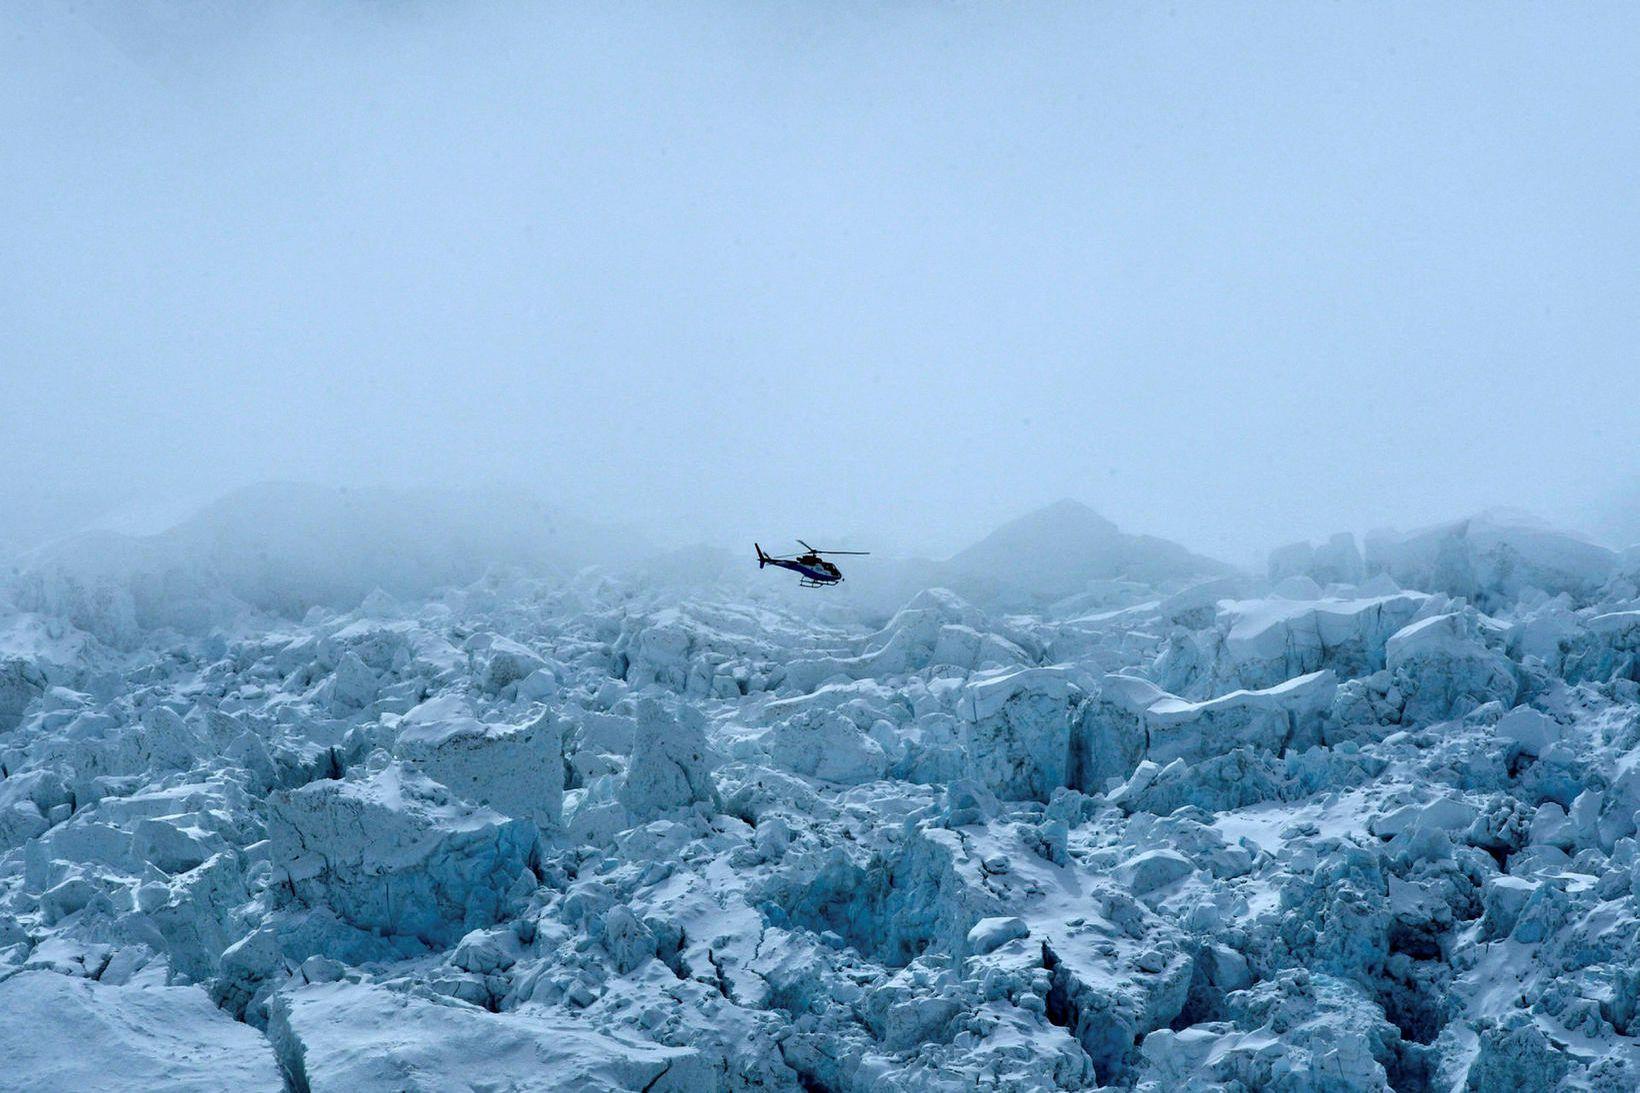 Flogið yfir Khumbu-jökul á Everest 2. maí 2021.